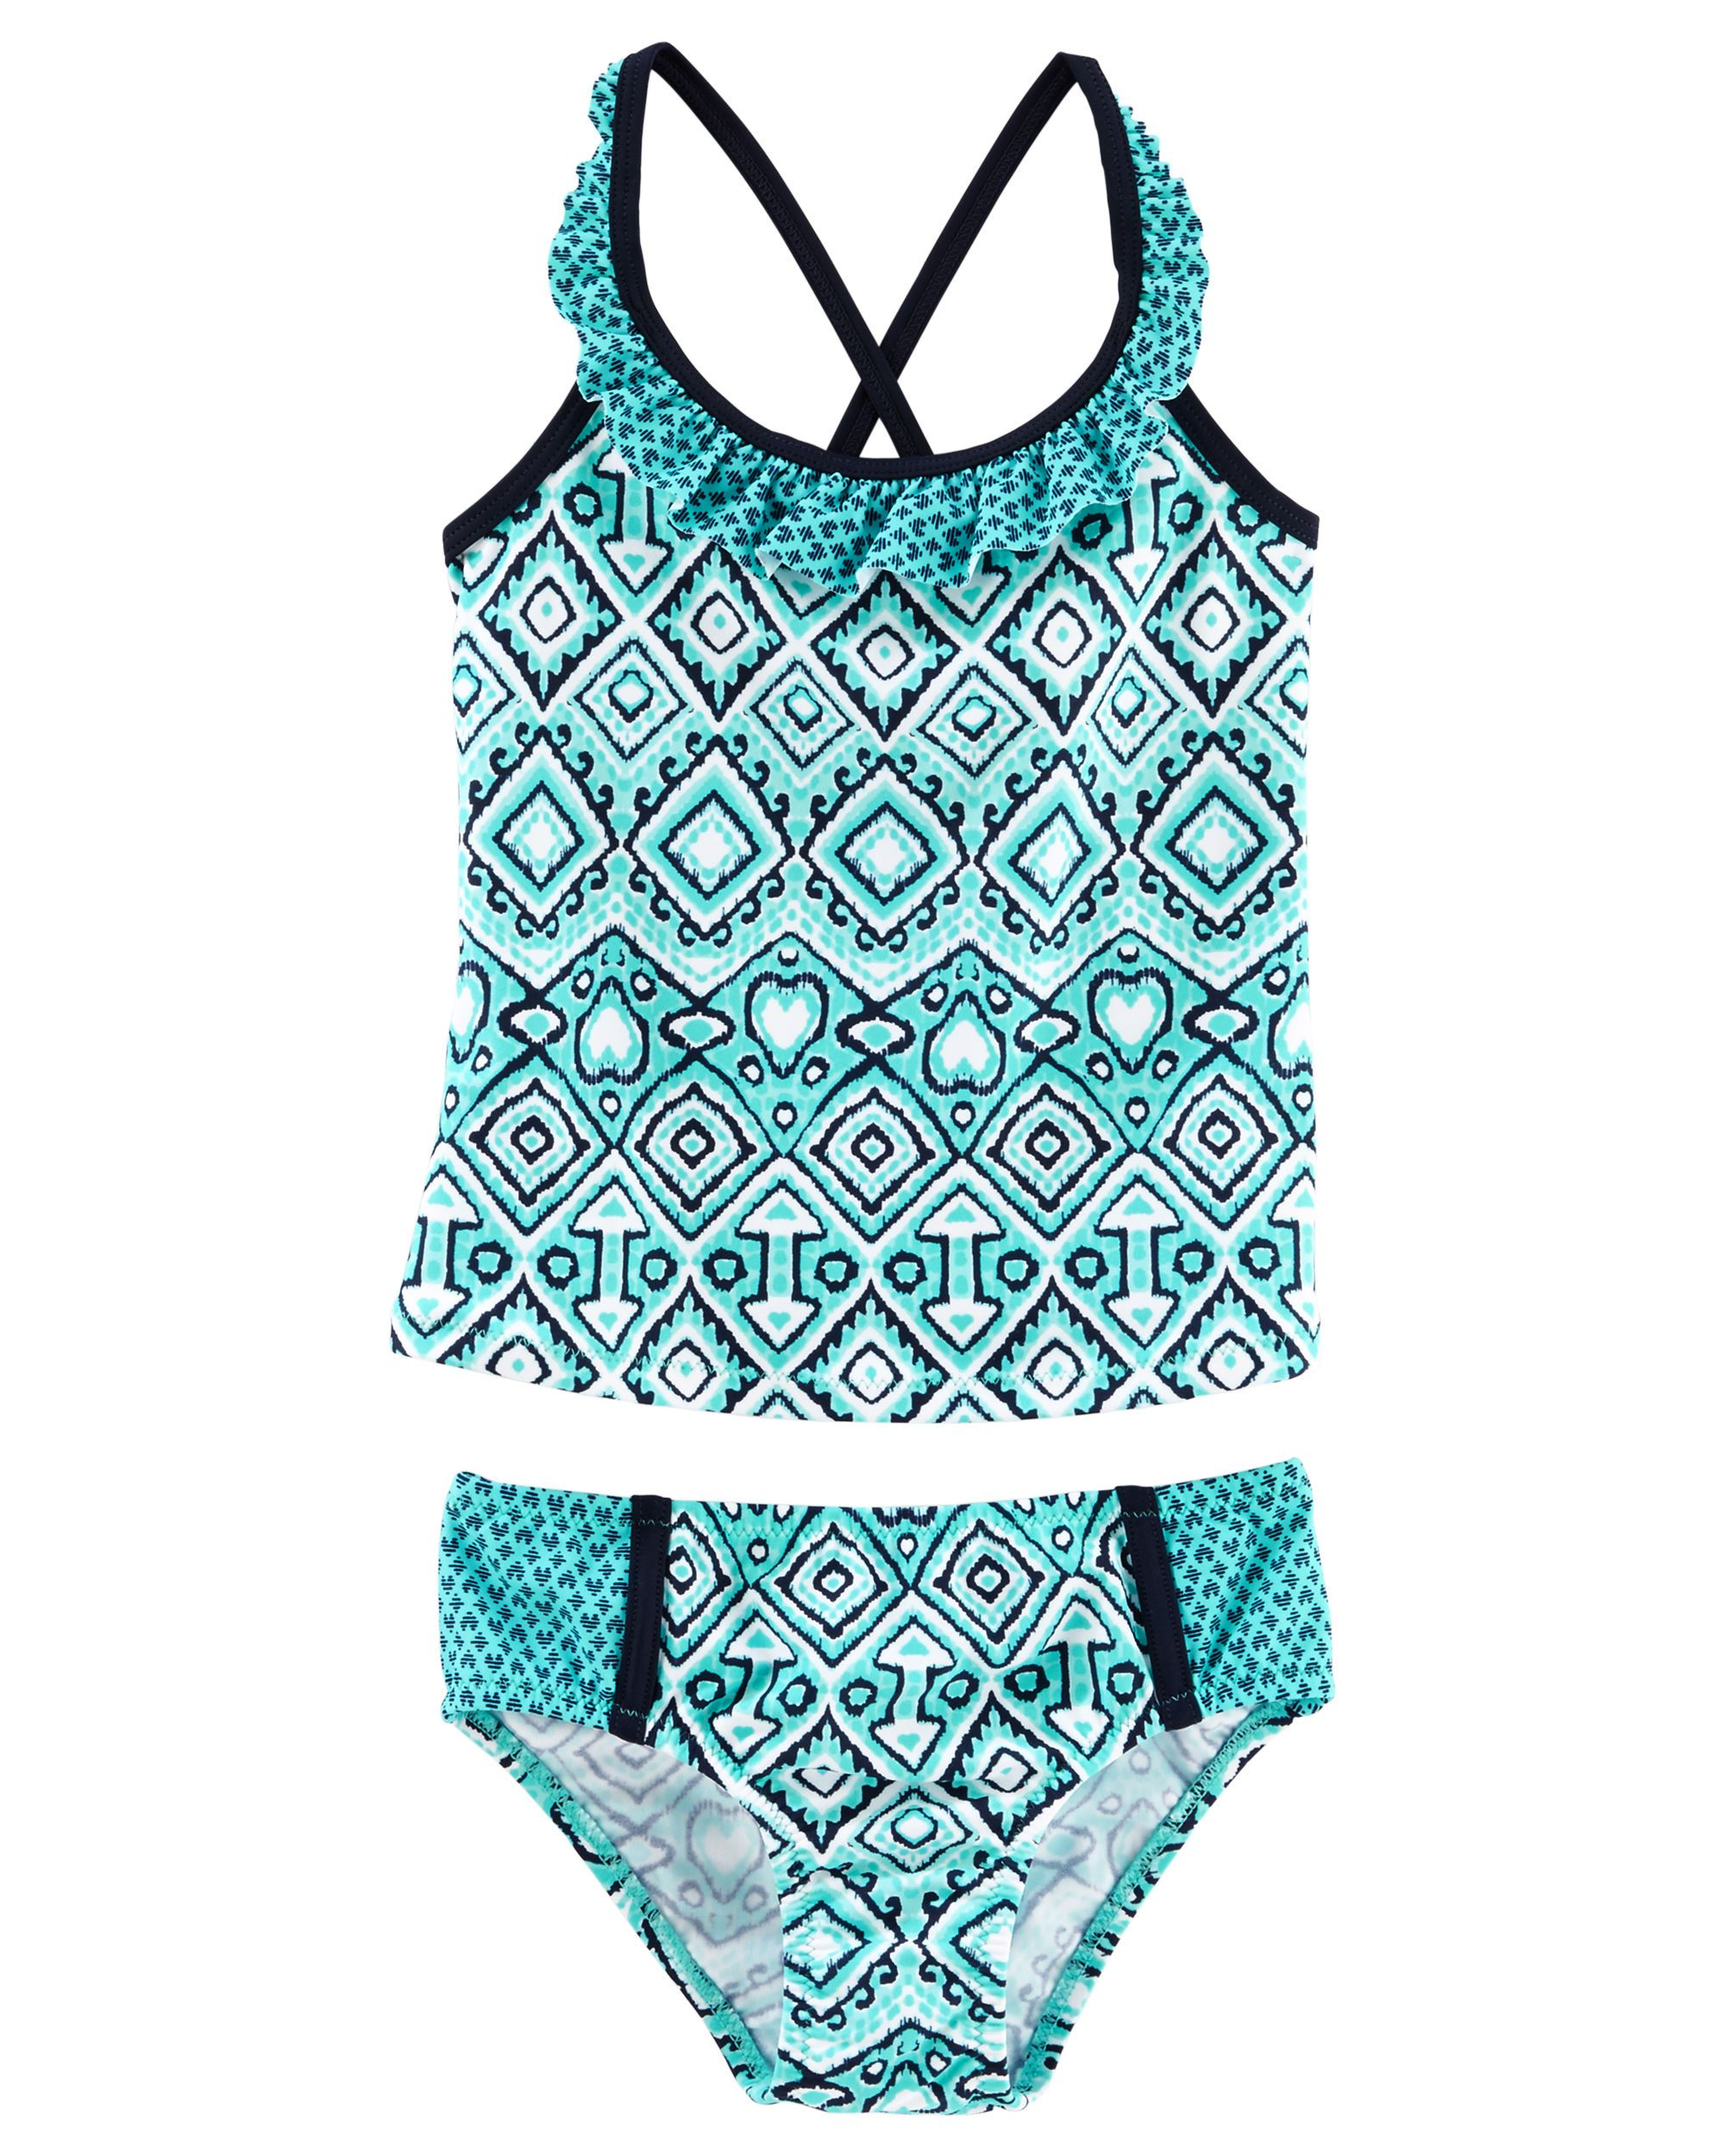 5f64ebbf11995 Baby Girl OshKosh Medallion Print Tankini | OshKosh.com Kids Swimwear, Baby  Girl Swimwear